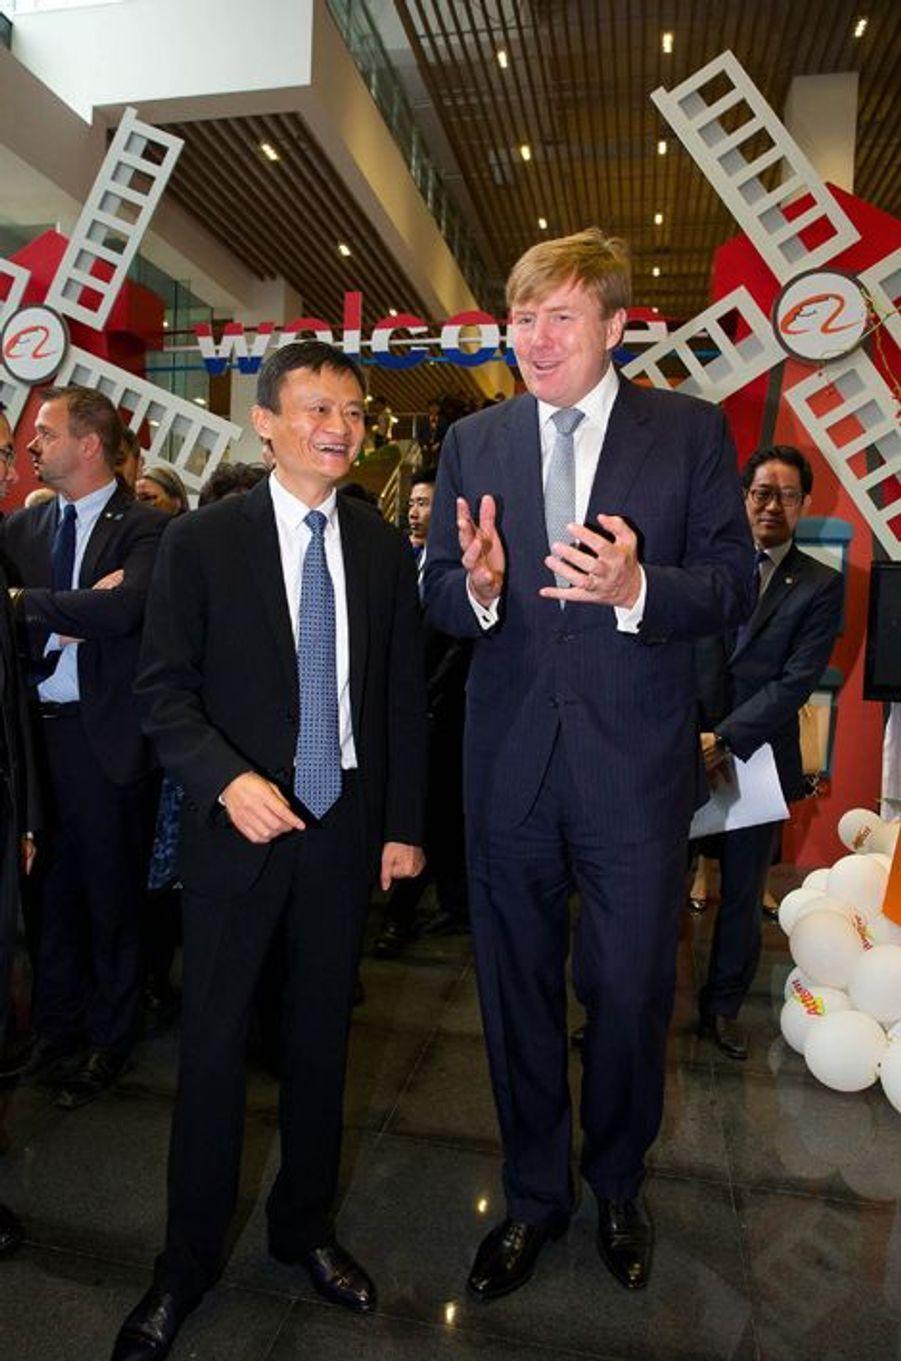 Le roi Willem-Alexander des Pays-Bas à Hangzhou en Chine, le 29 octobre 2015